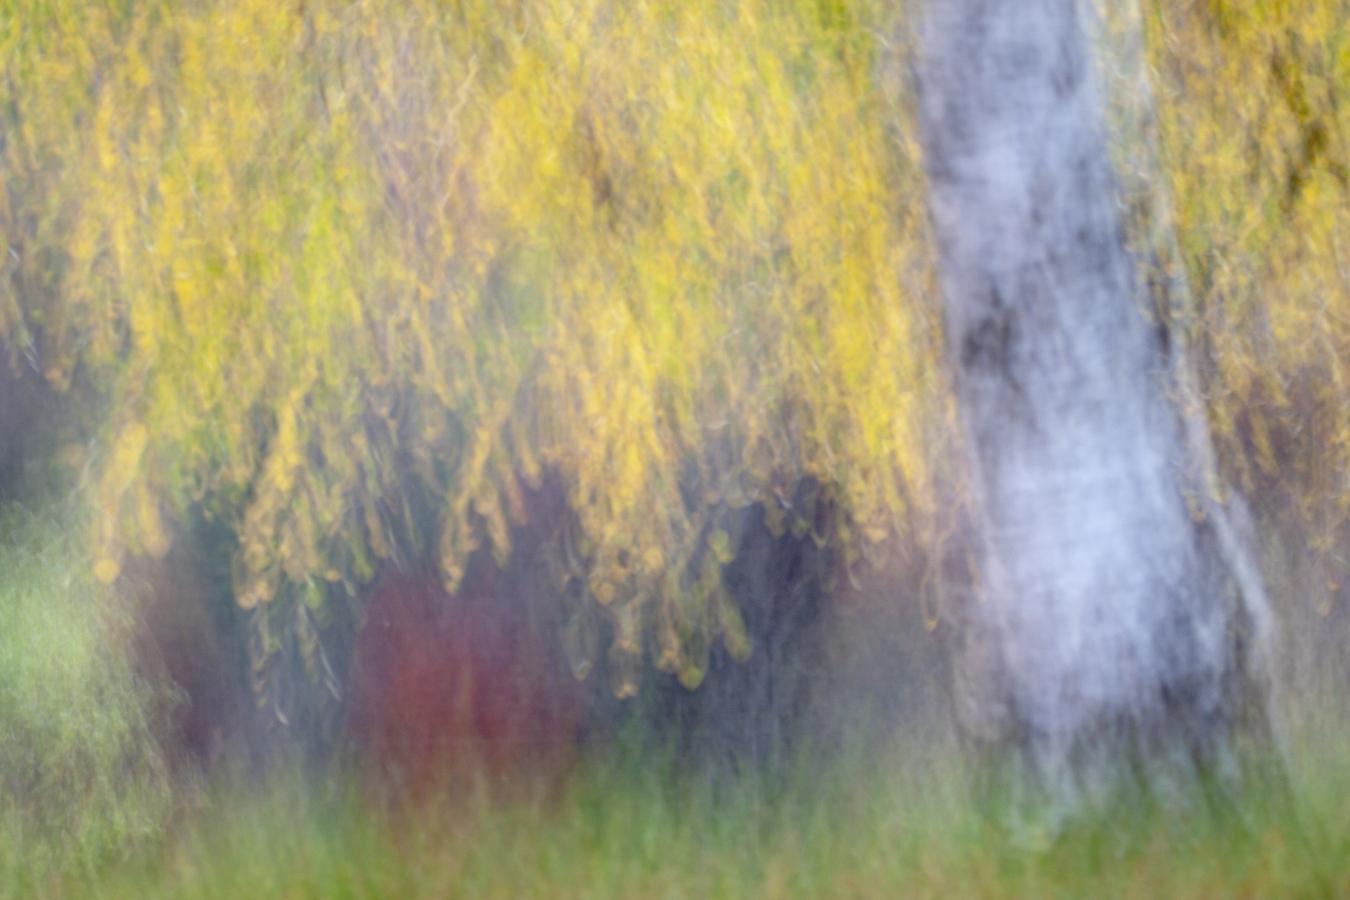 En moviment - Raül Carmona - Fotografia, Fotografia d'estudi, esdeveniments i Natura